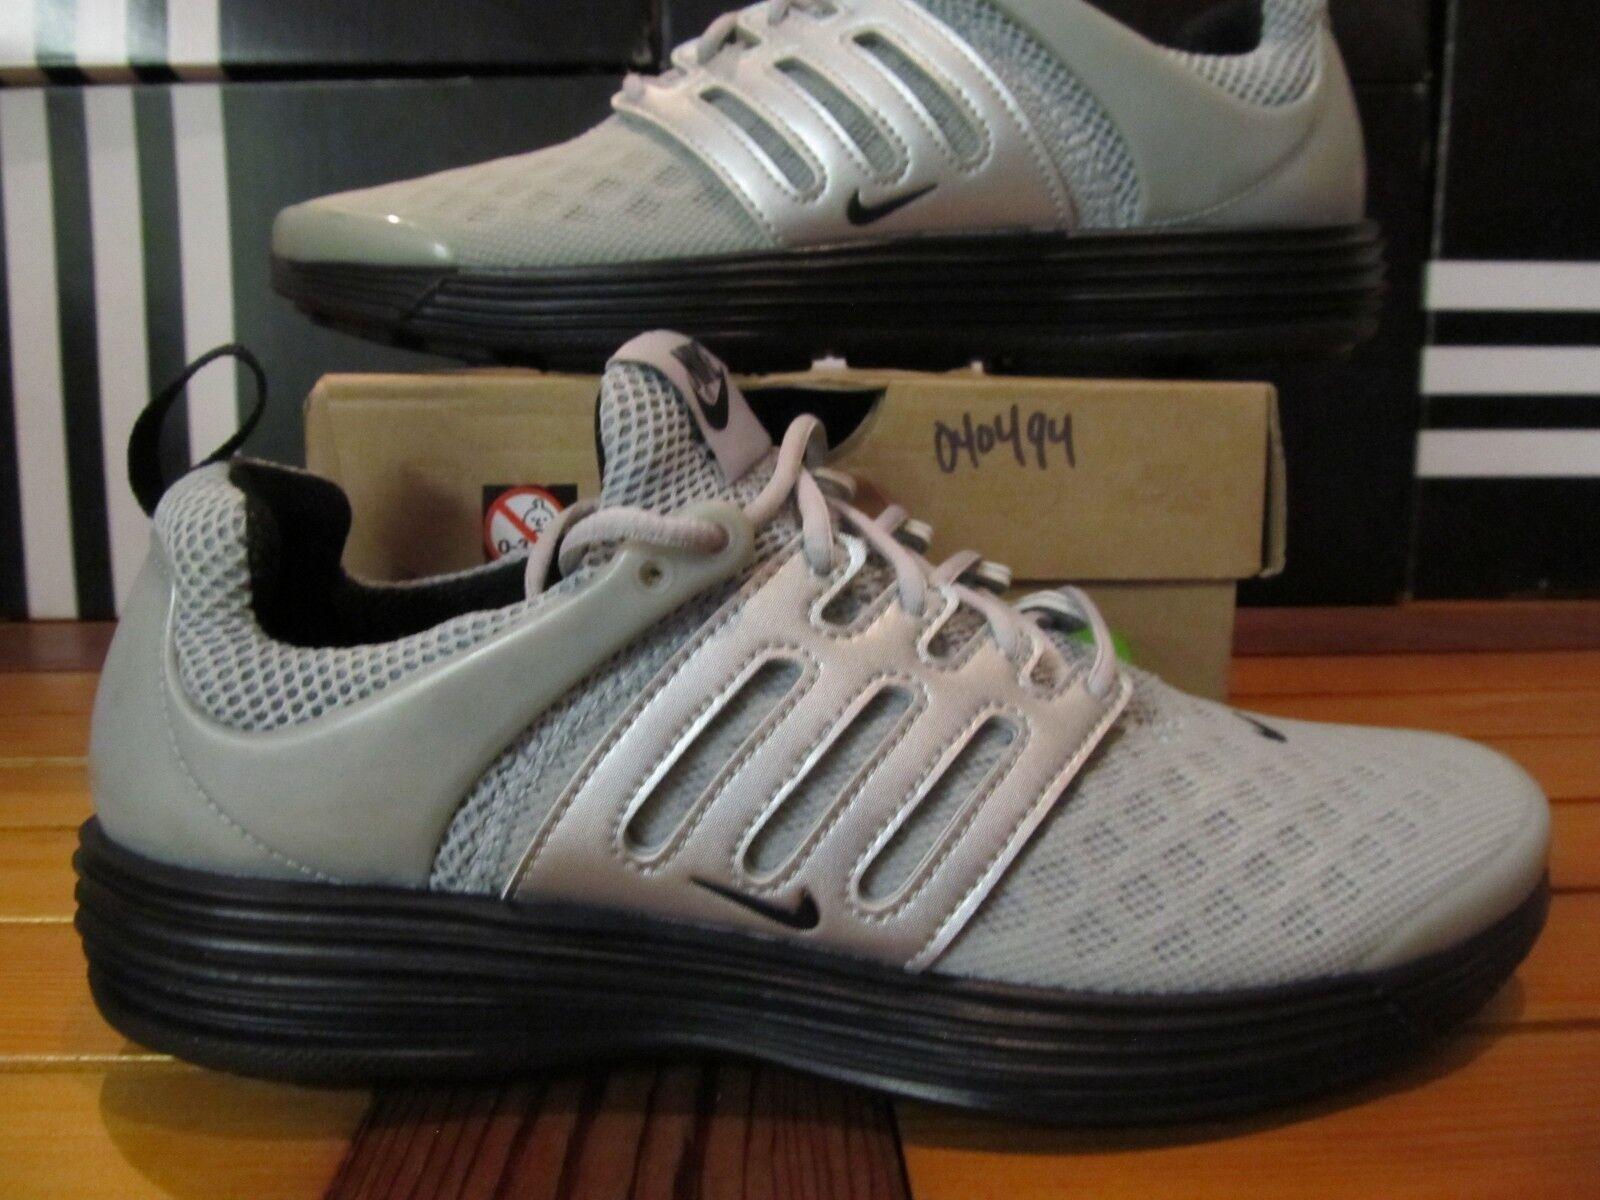 Nike rejuven8 lunare nero bassa 100 dollari d'argento, nero lunare 7,5 407269 052 presto libero - chukka c0c806